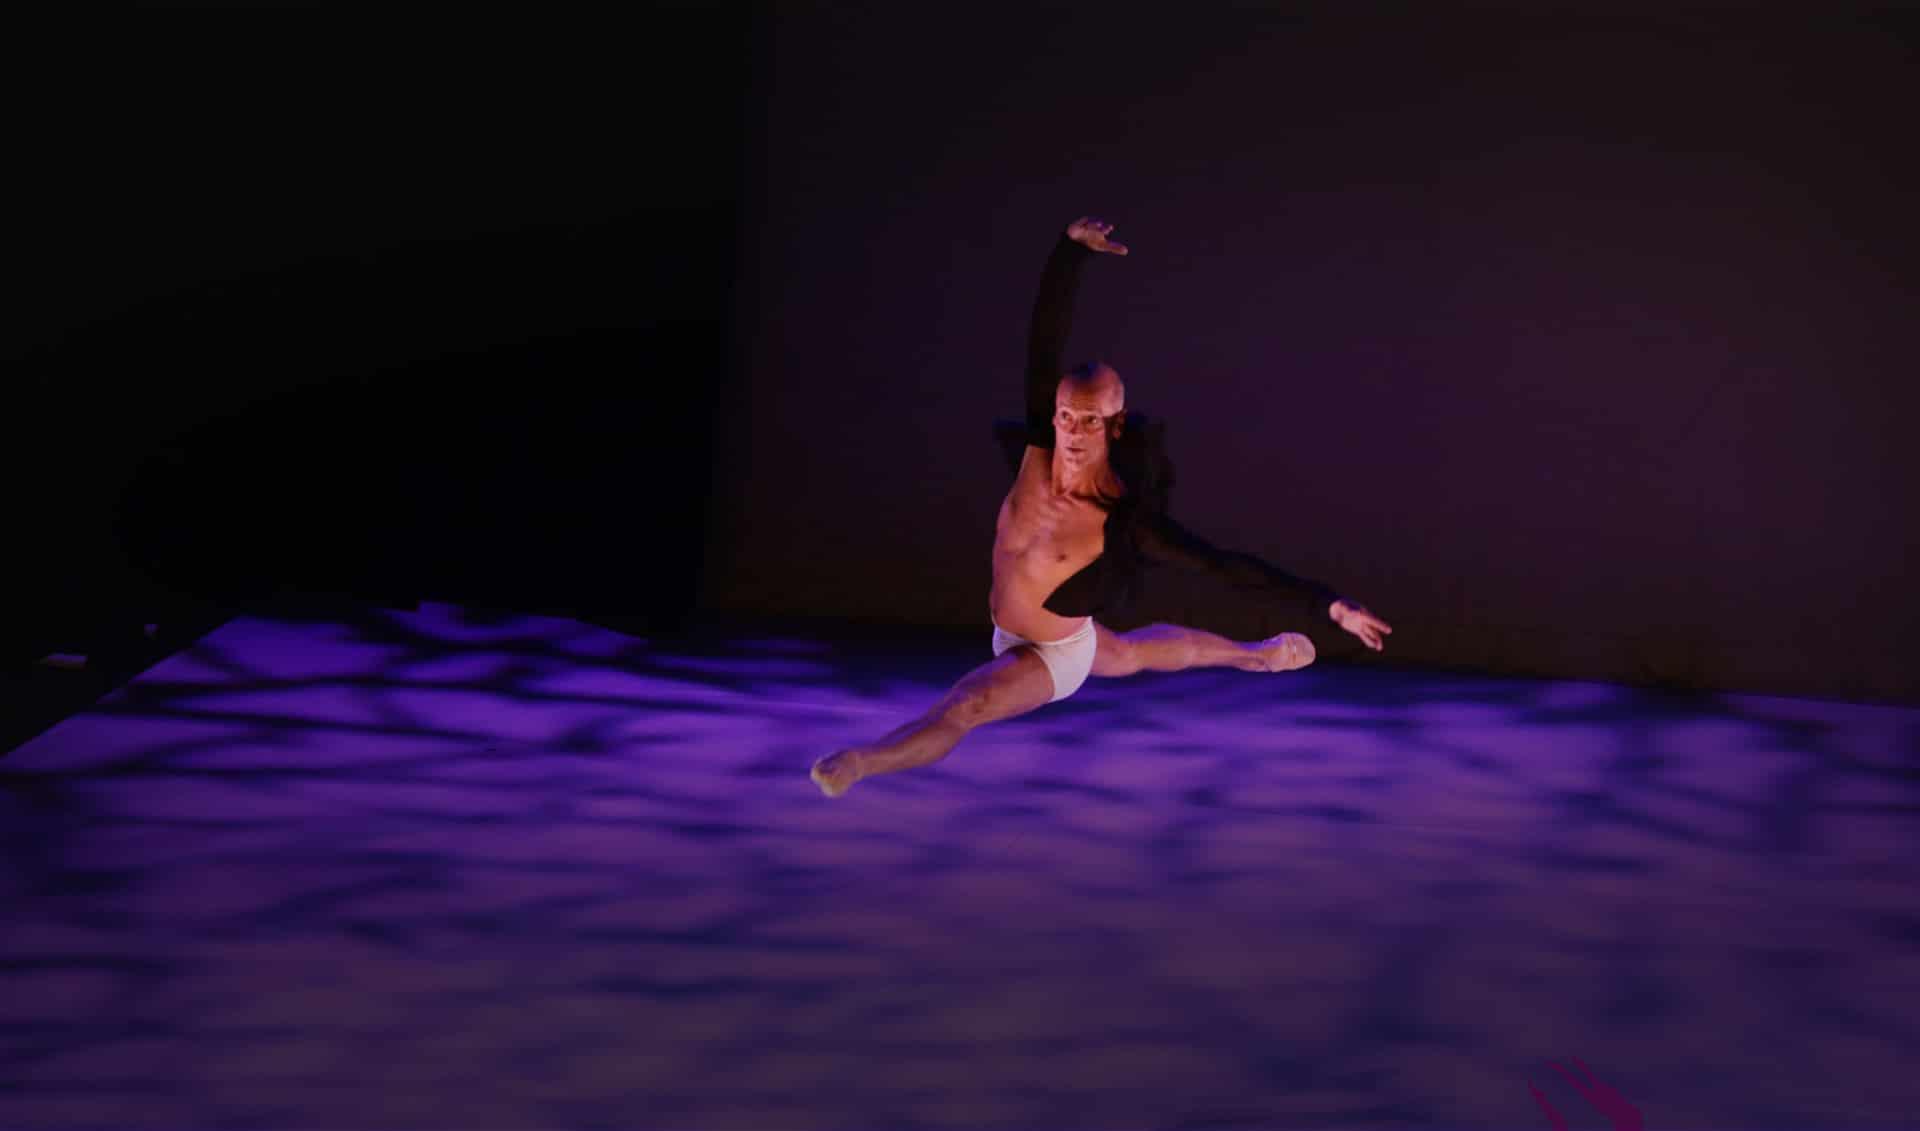 école de danse Olivier Coste, Valence (26)